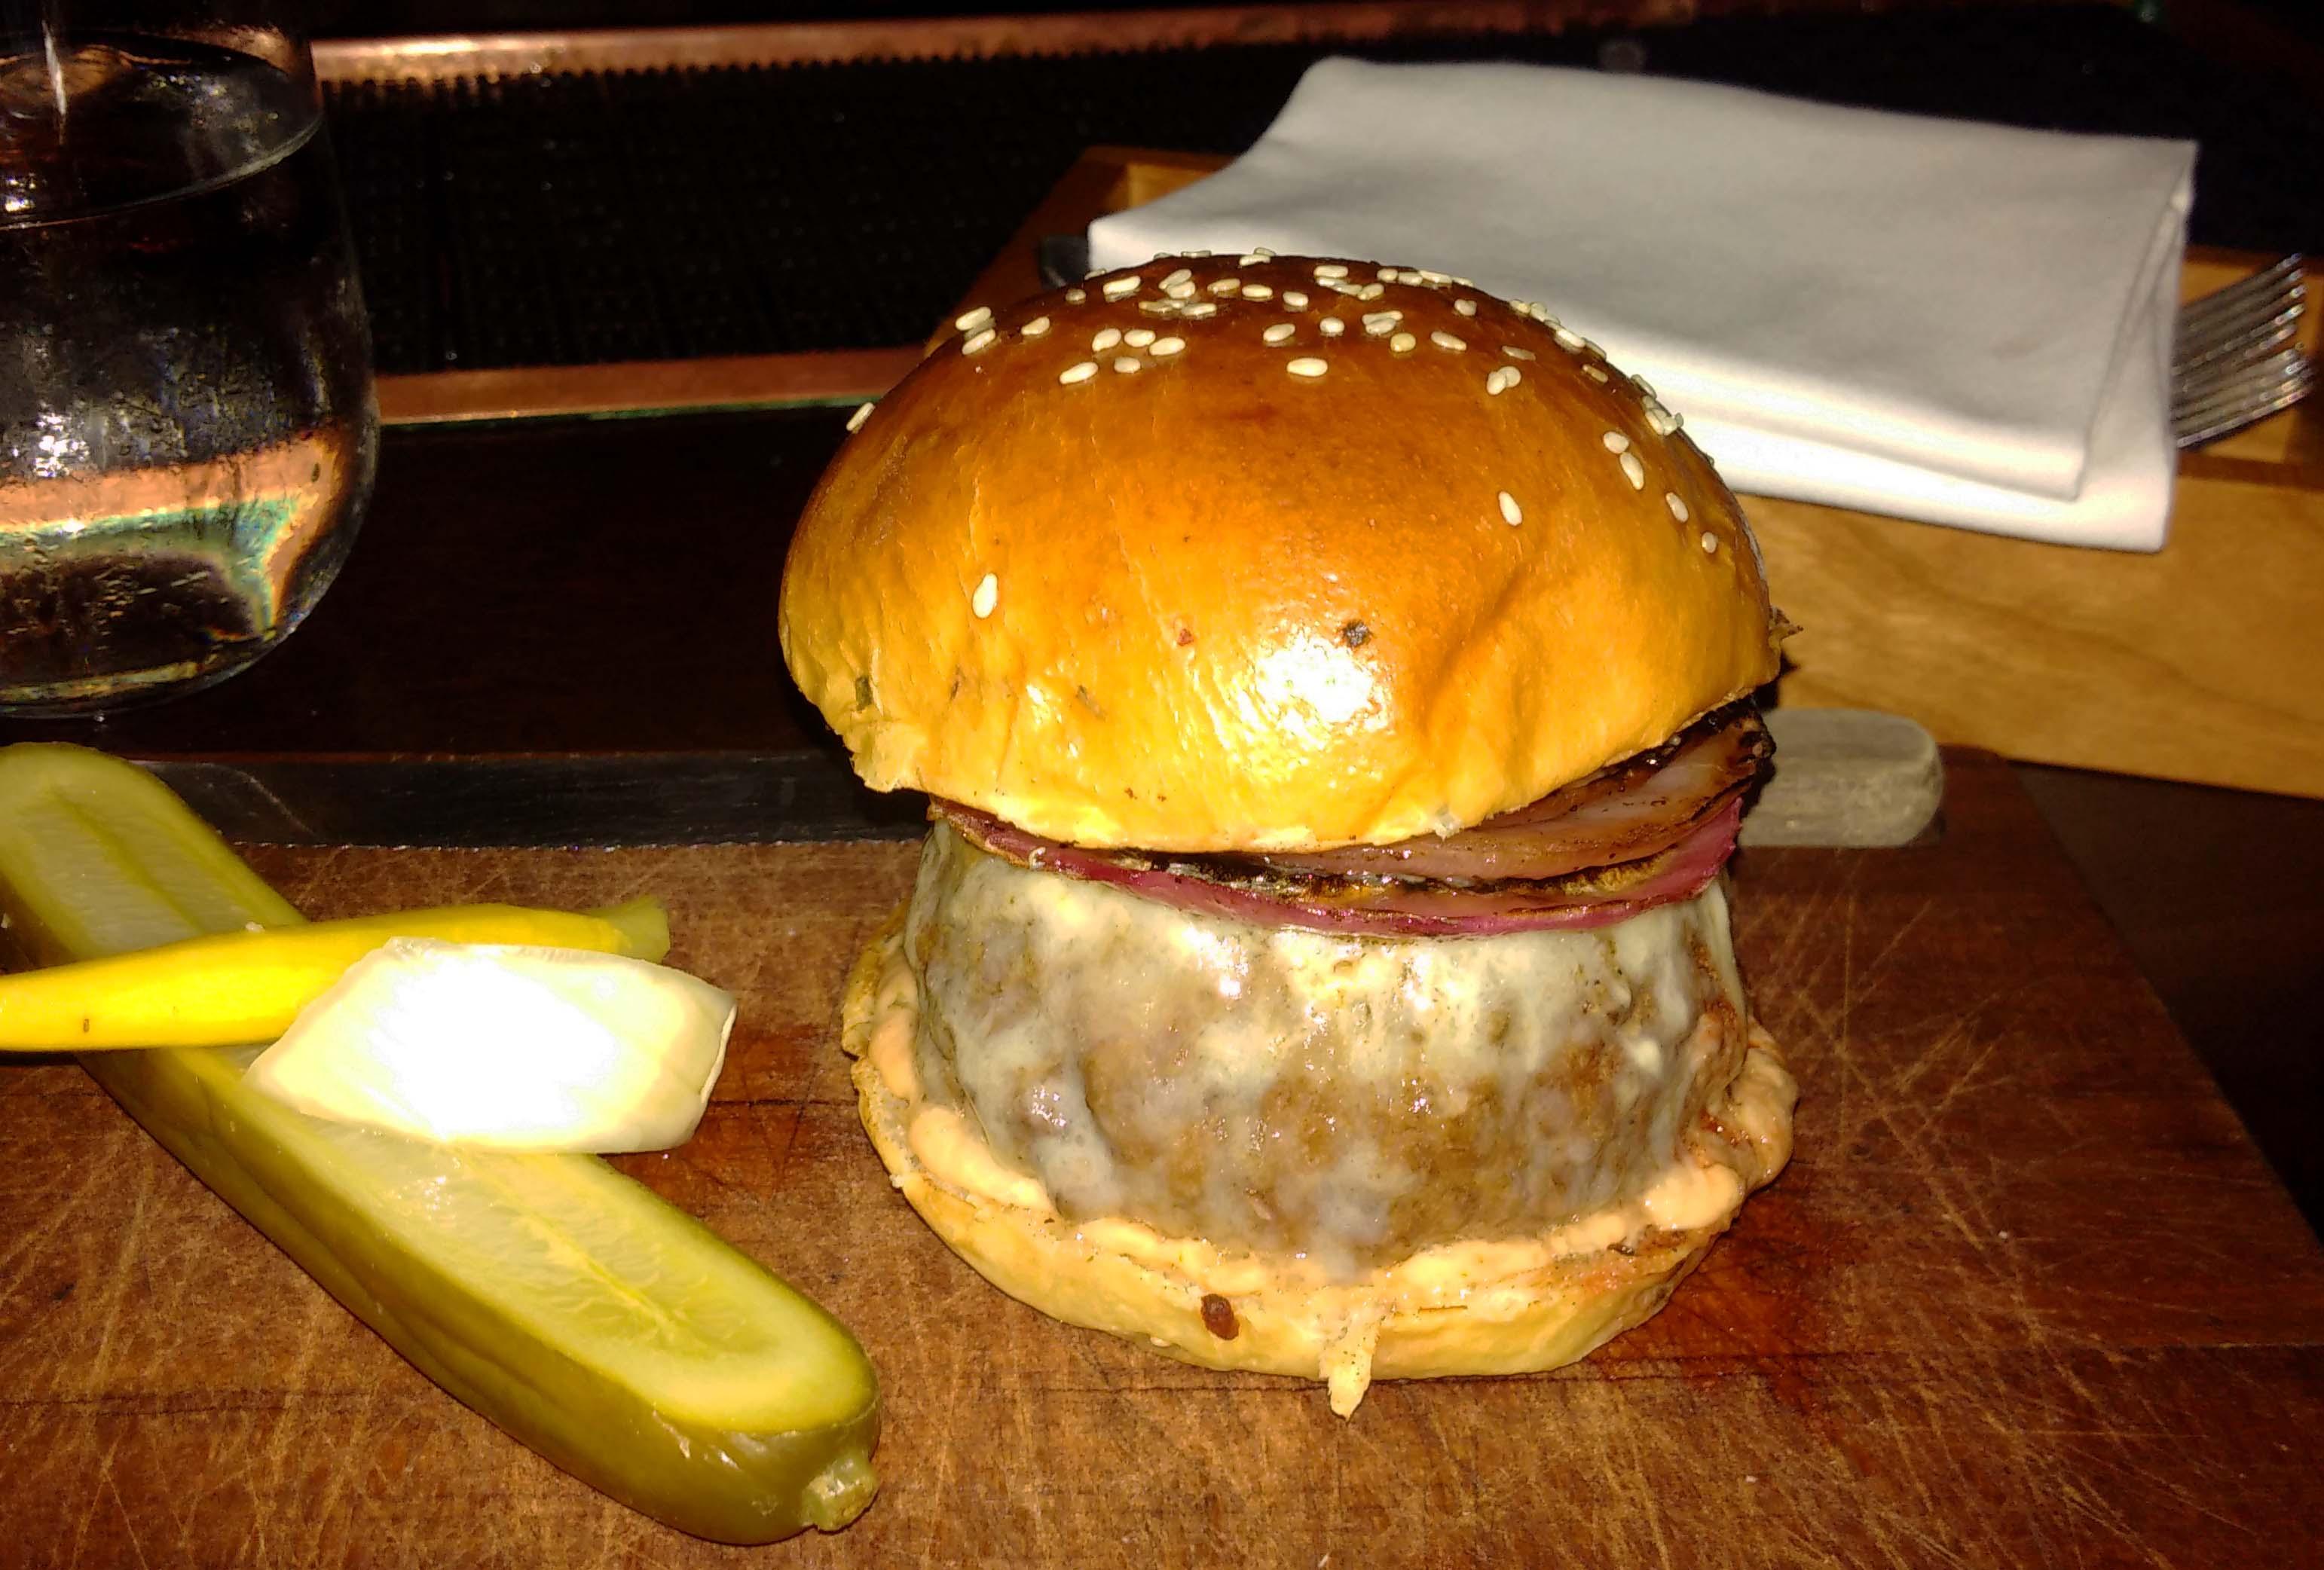 Nomad cheeseburger